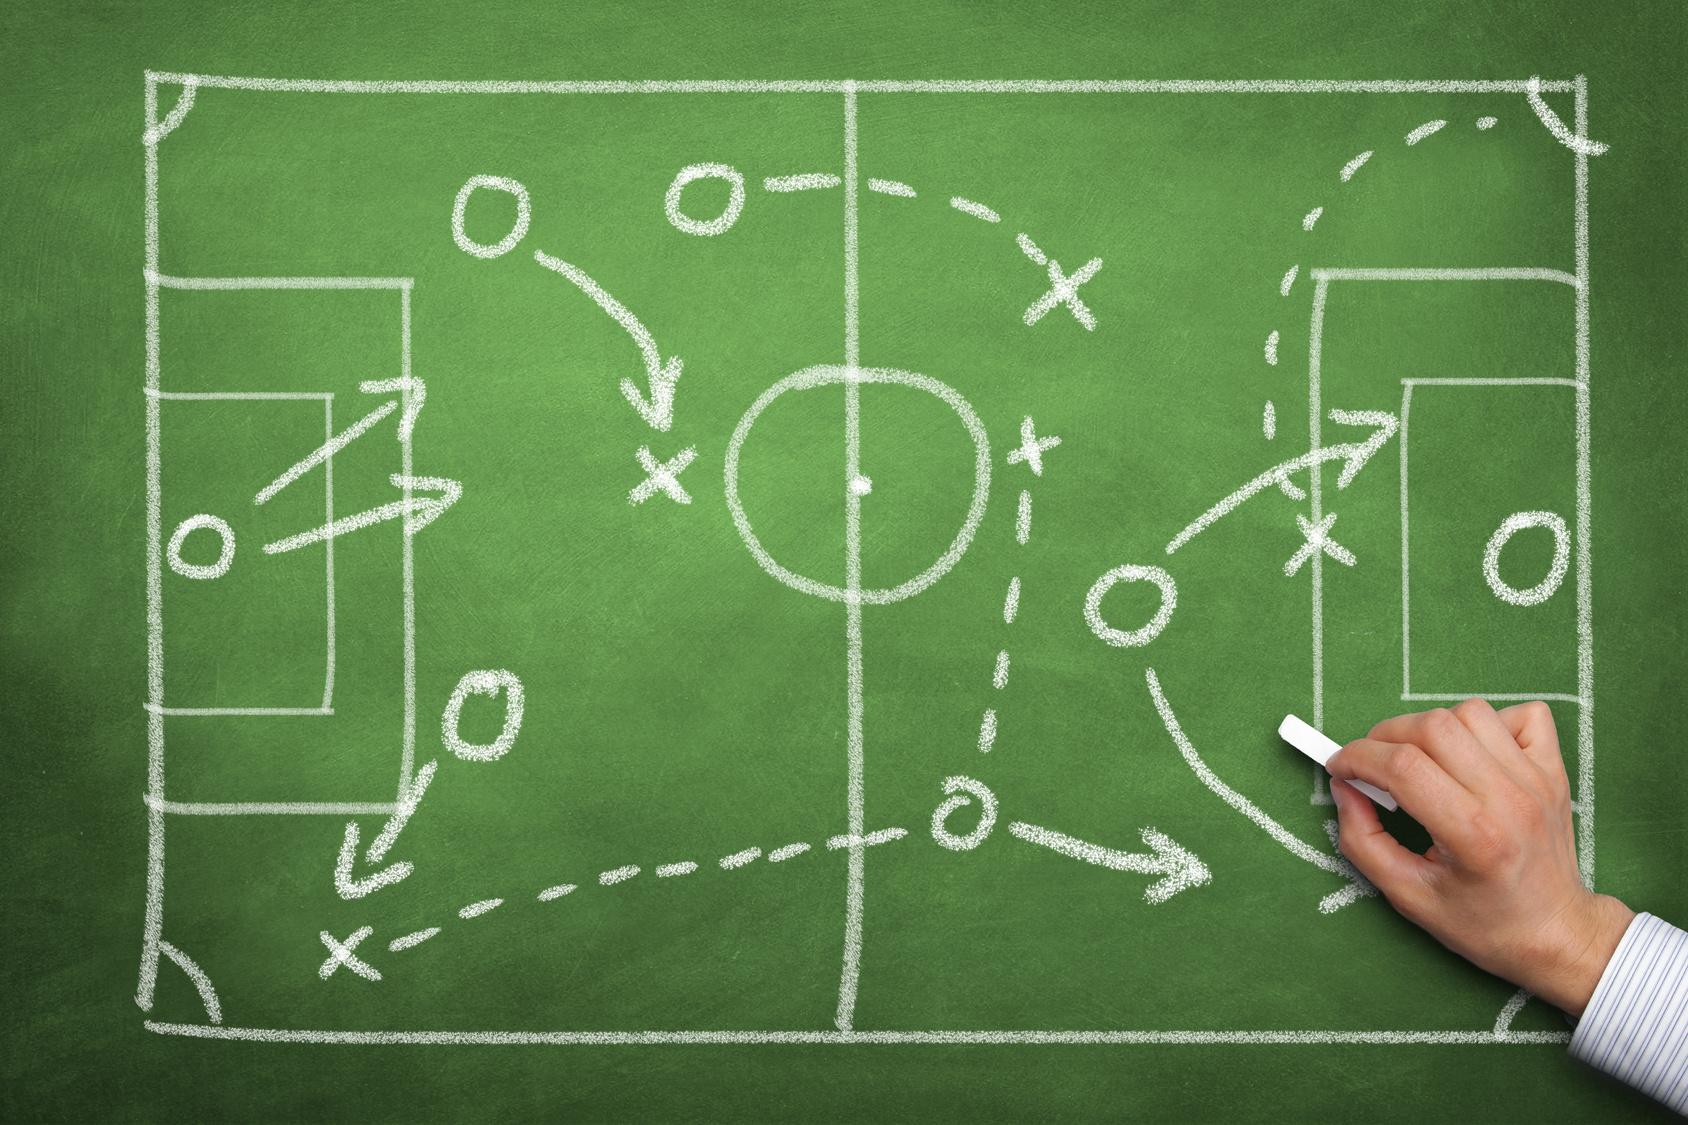 ¿Cómo hacer jugadas de fútbol en Equipo?